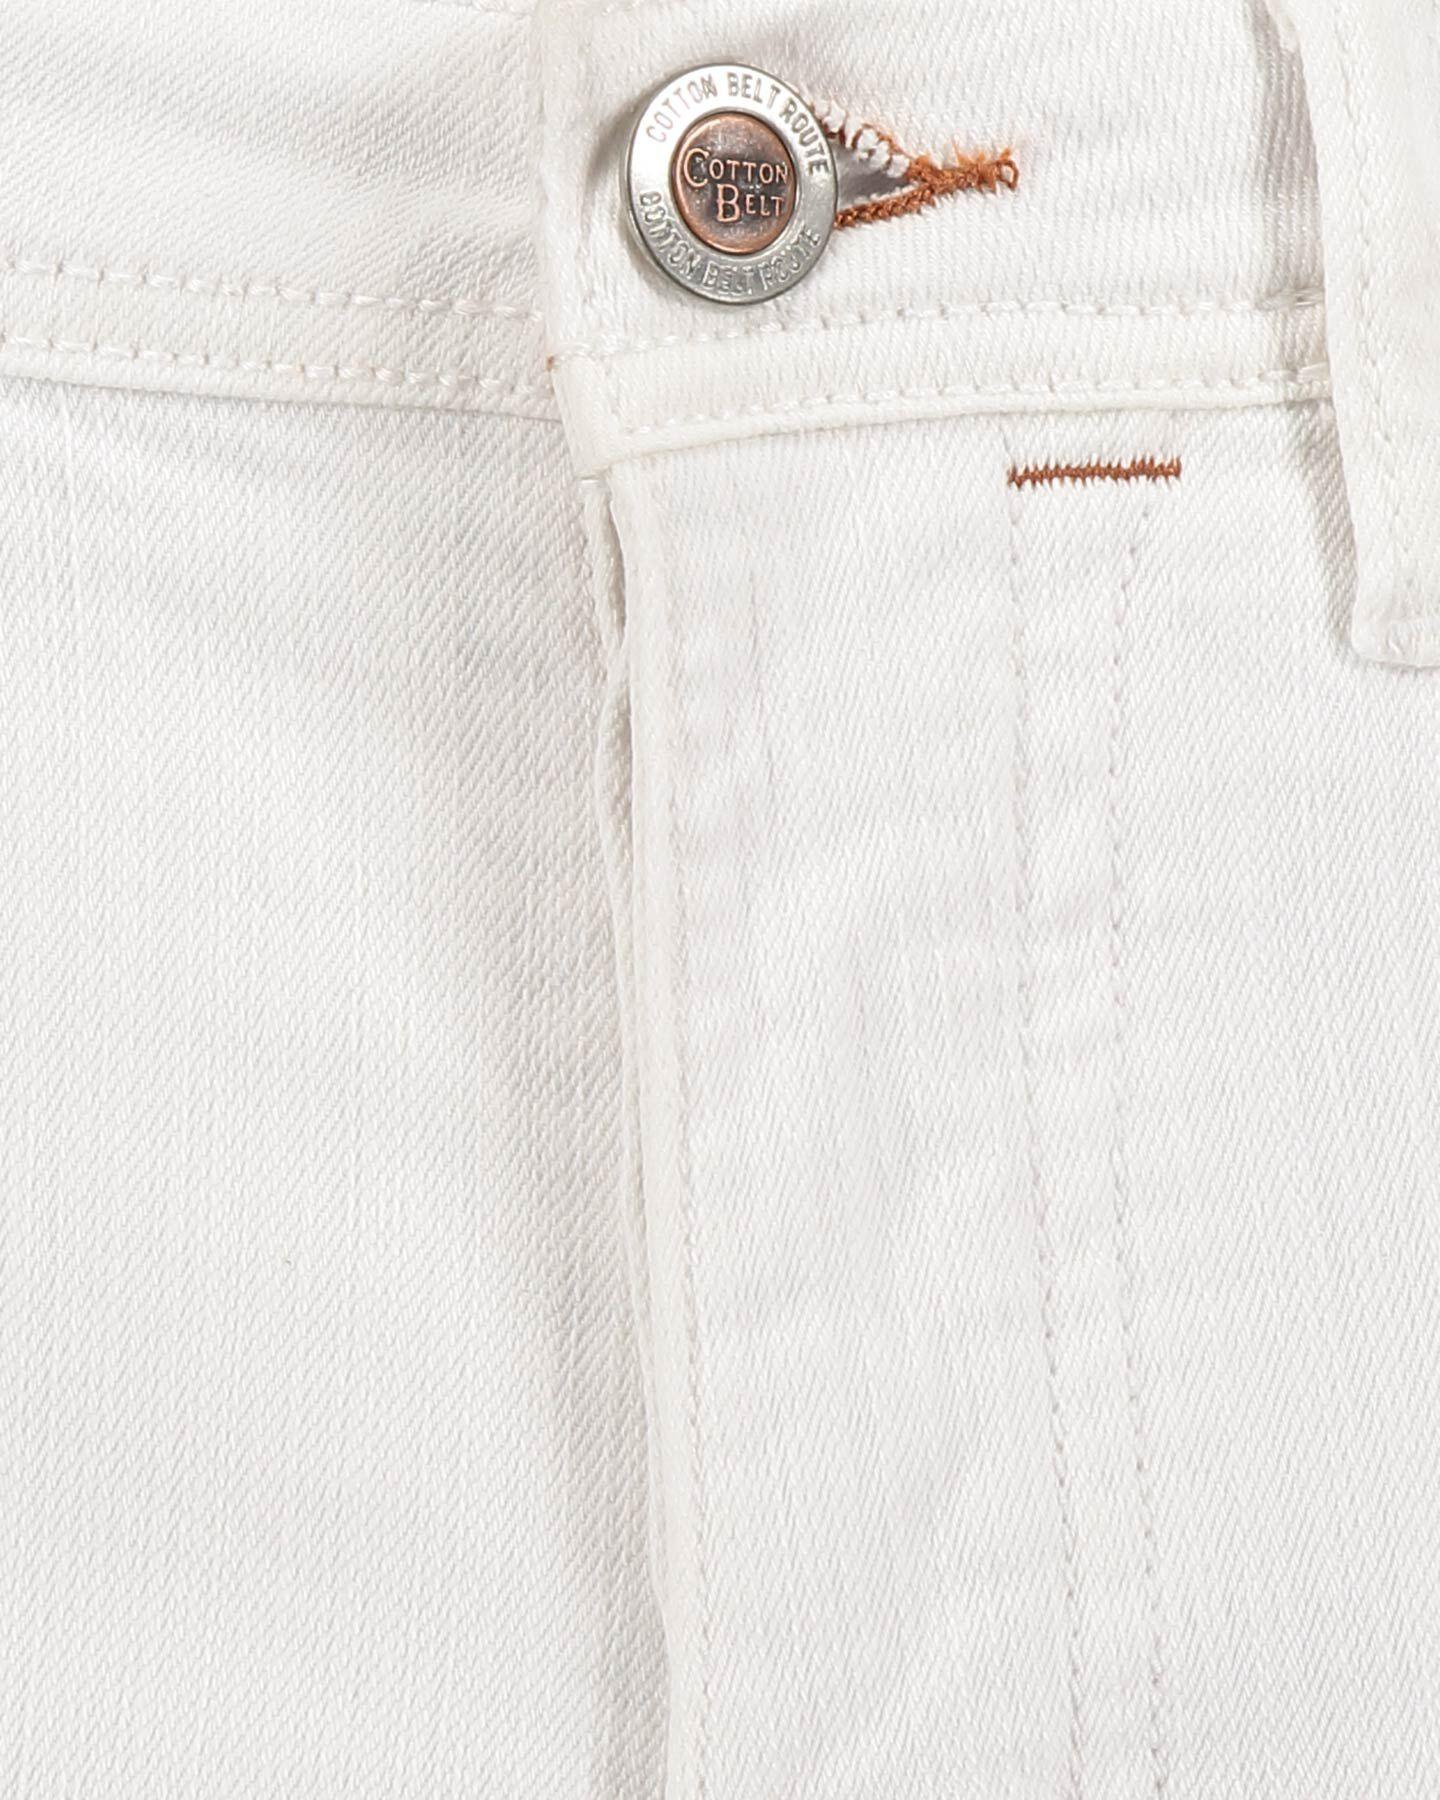 Pantalone COTTON BELT 5 TS M S5182779 scatto 3